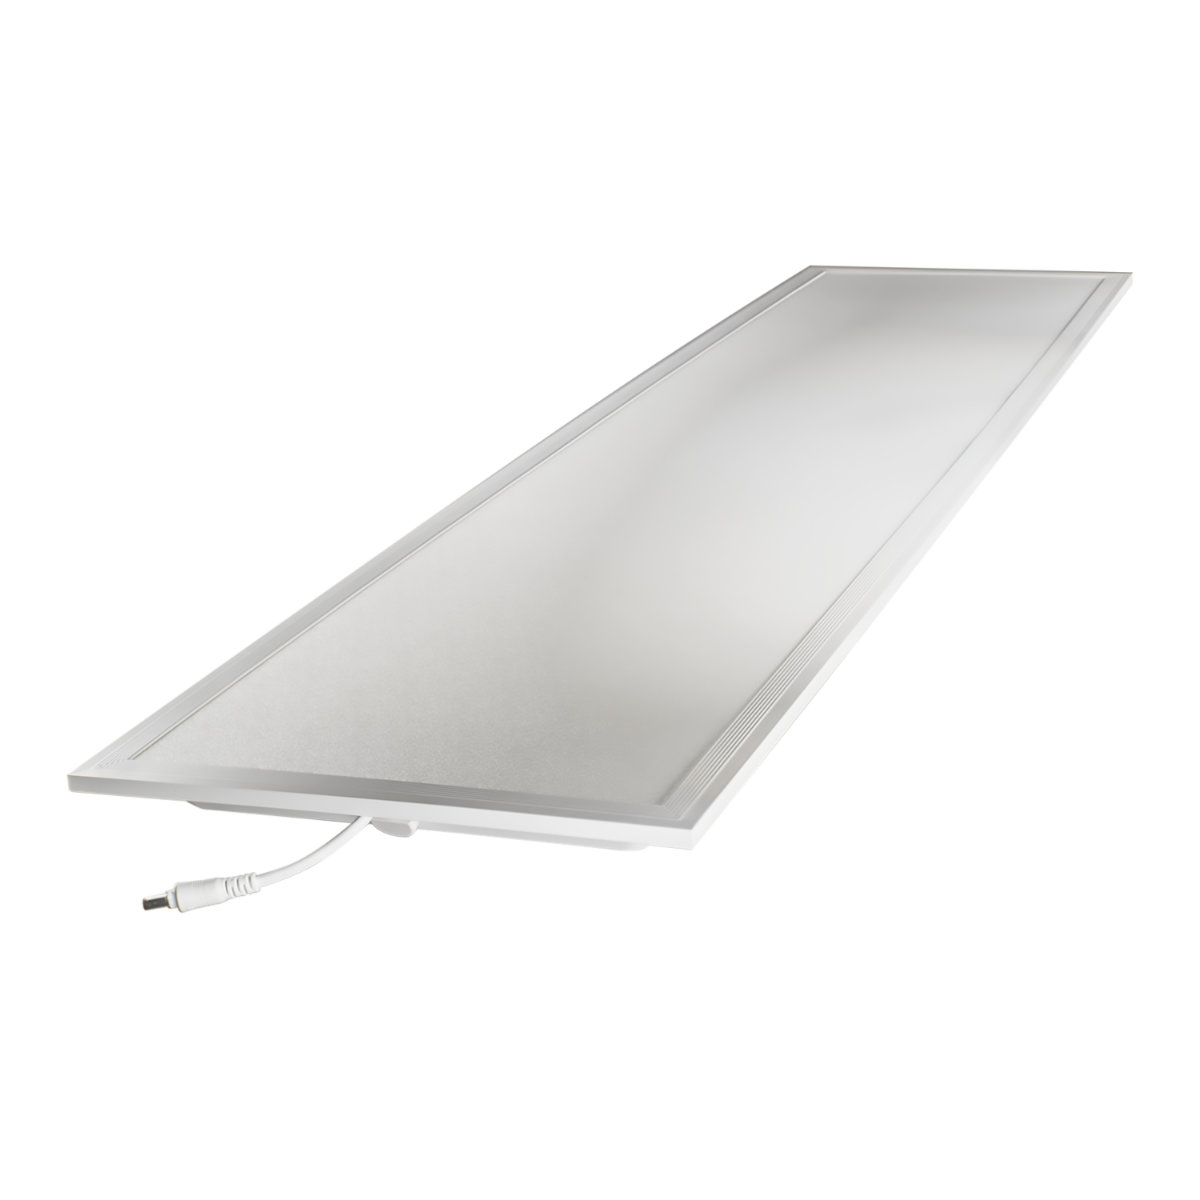 Noxion LED Paneel Econox 32W 30x120cm 6500K 4400lm UGR <22 | Vervanger voor 2x36W